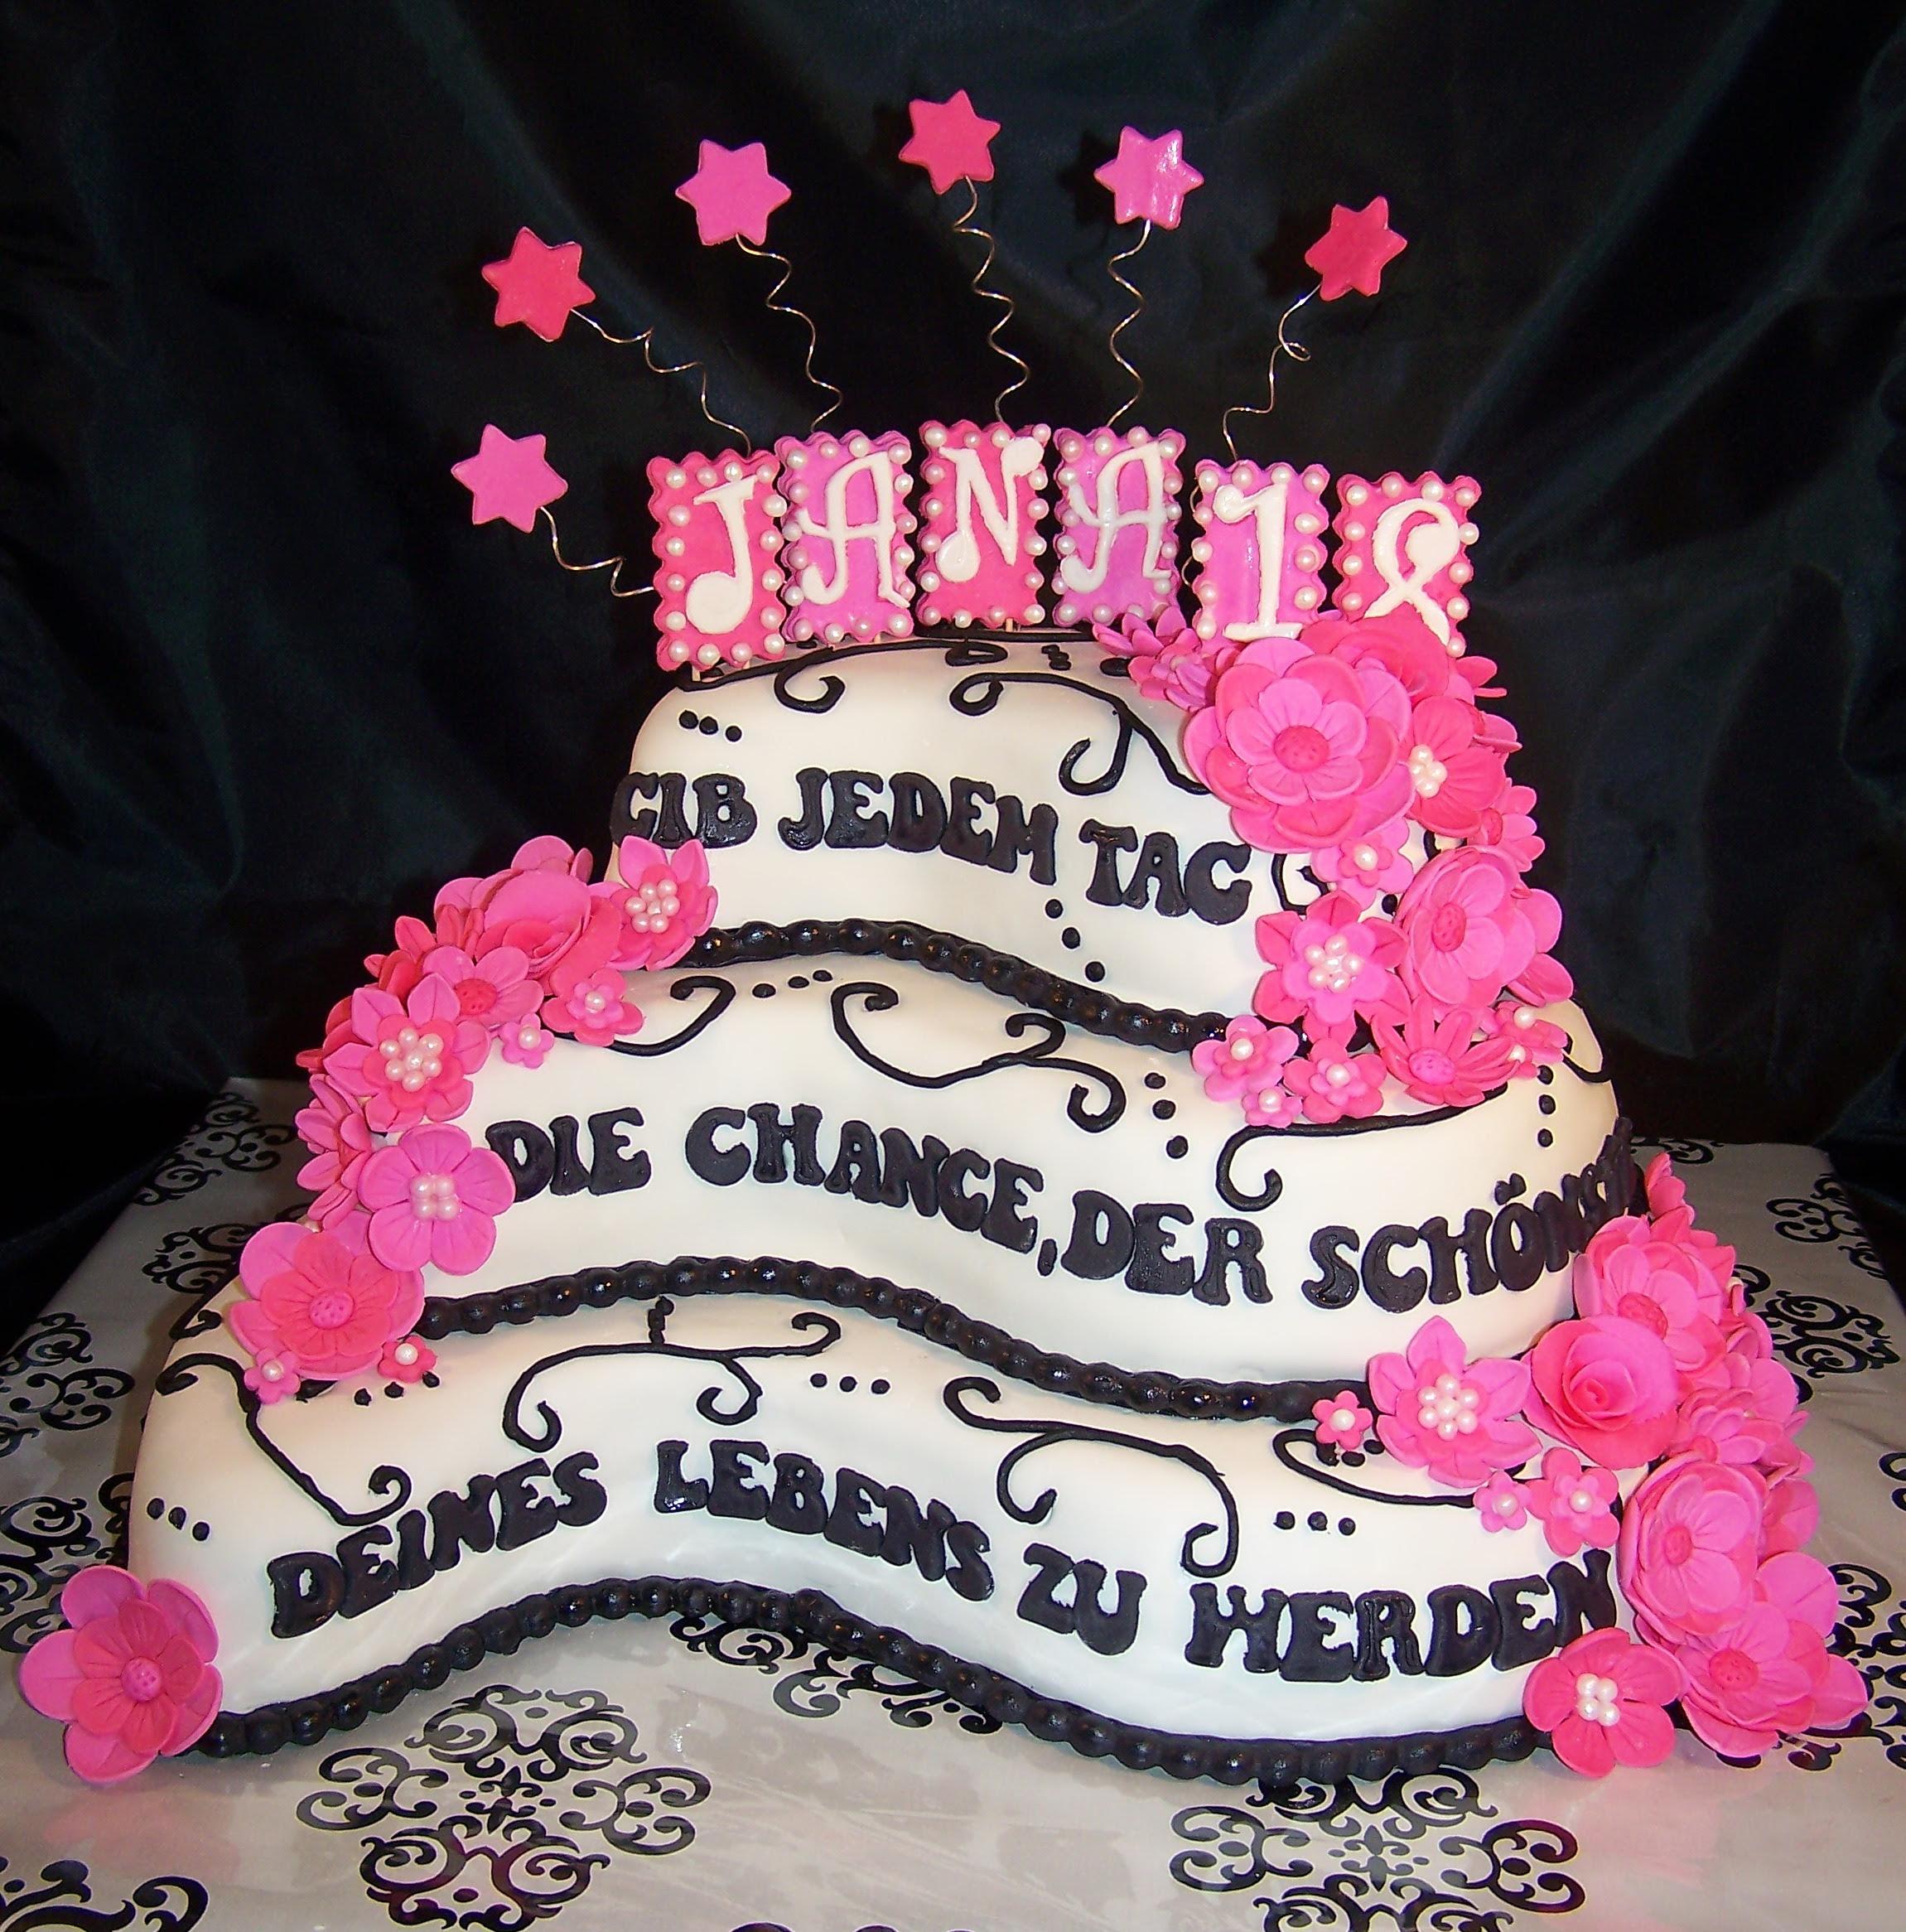 Sanella Geburtstagskuchen: Zum Geburtstag Kuchen, Geburtstagskuchen...